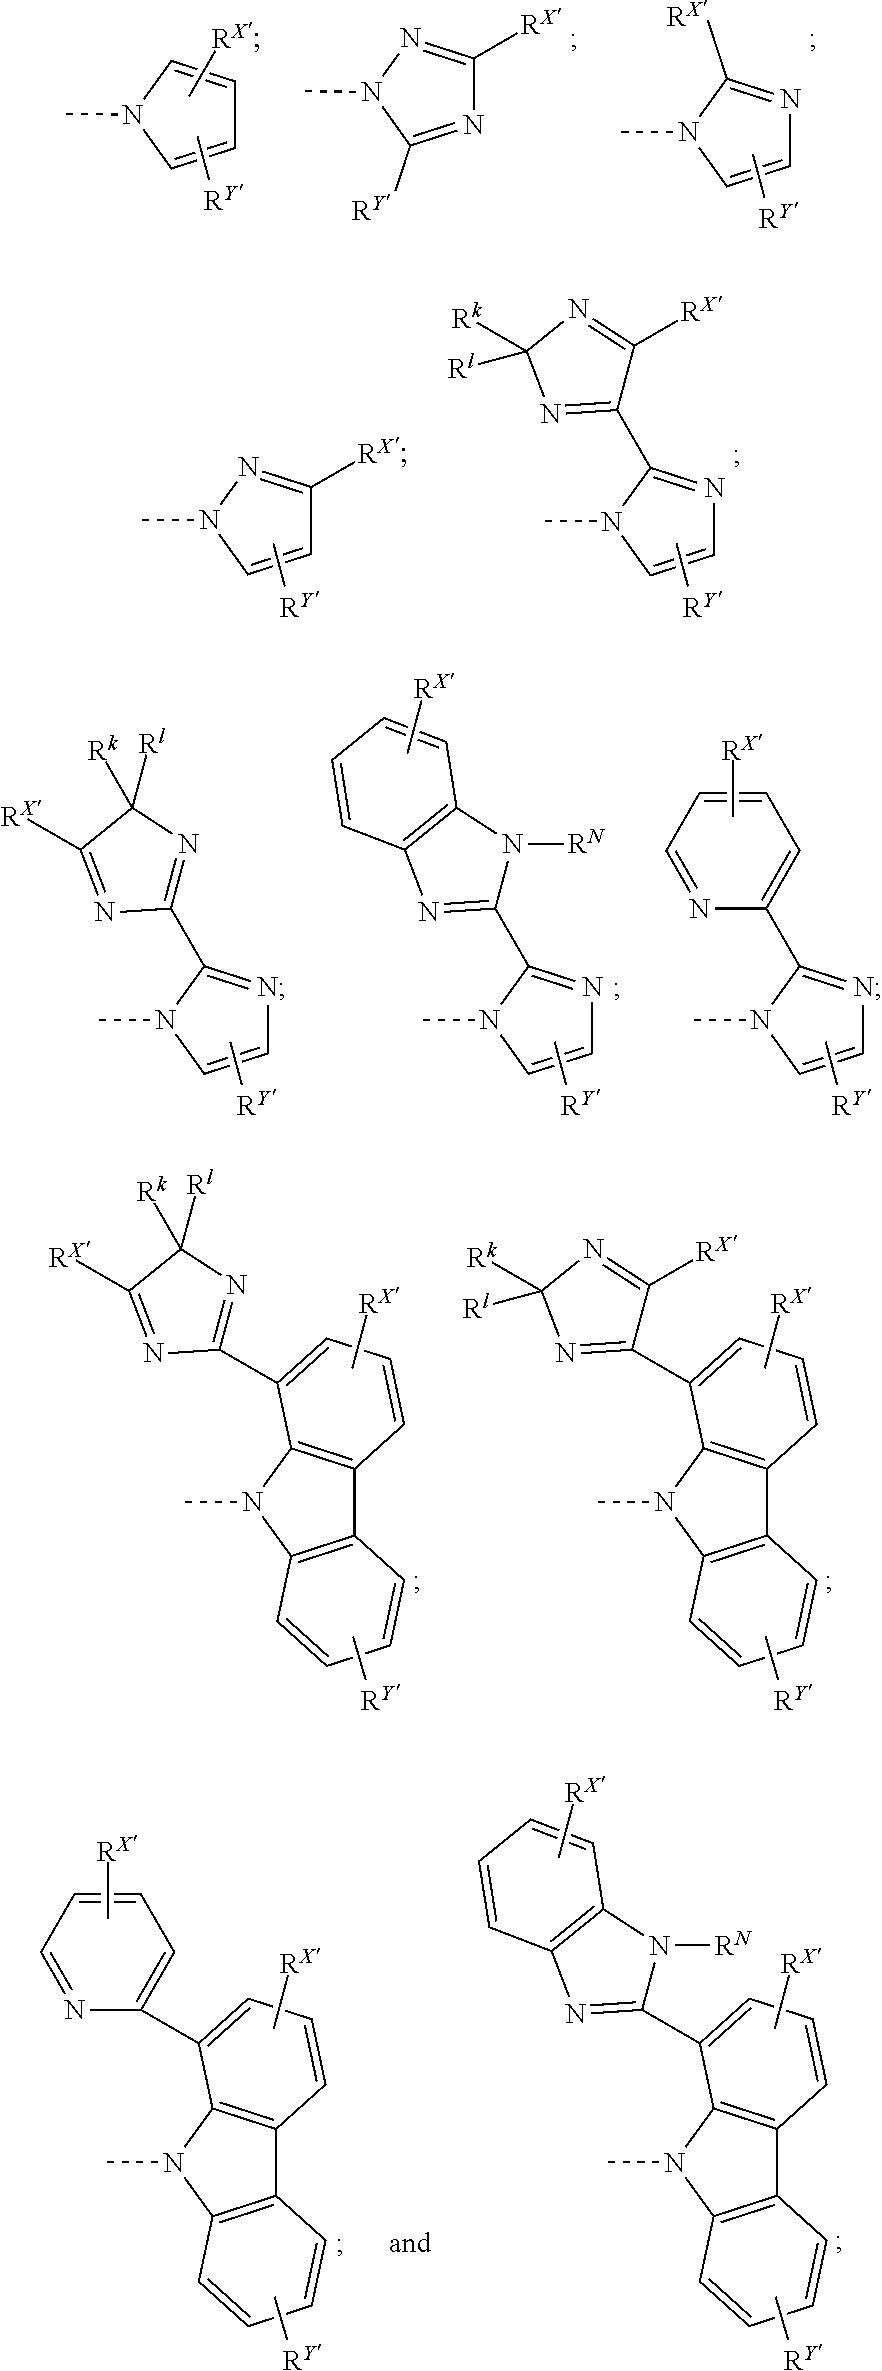 Figure US20190161504A1-20190530-C00011